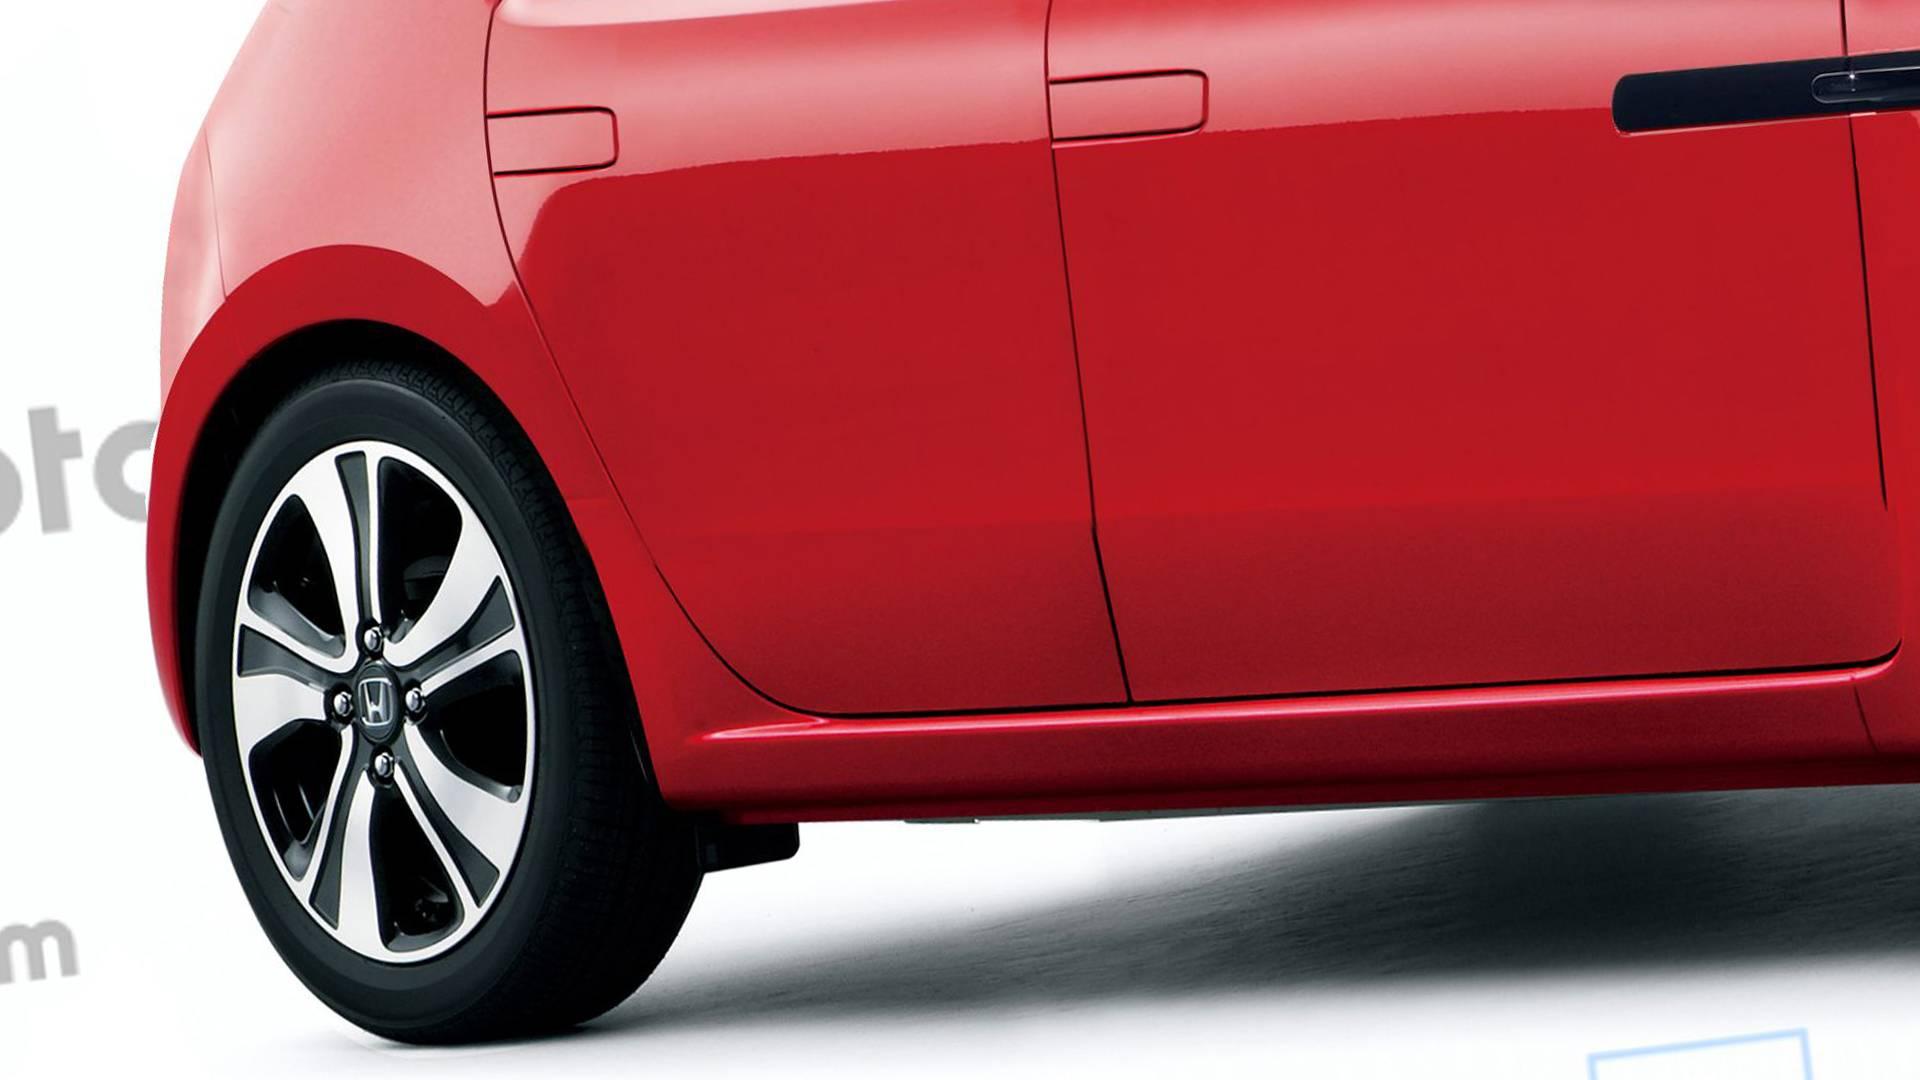 آیا هوندا با این خودرو قصد ورود به بازار الکتریکی ها را دارد ؟ + عکس